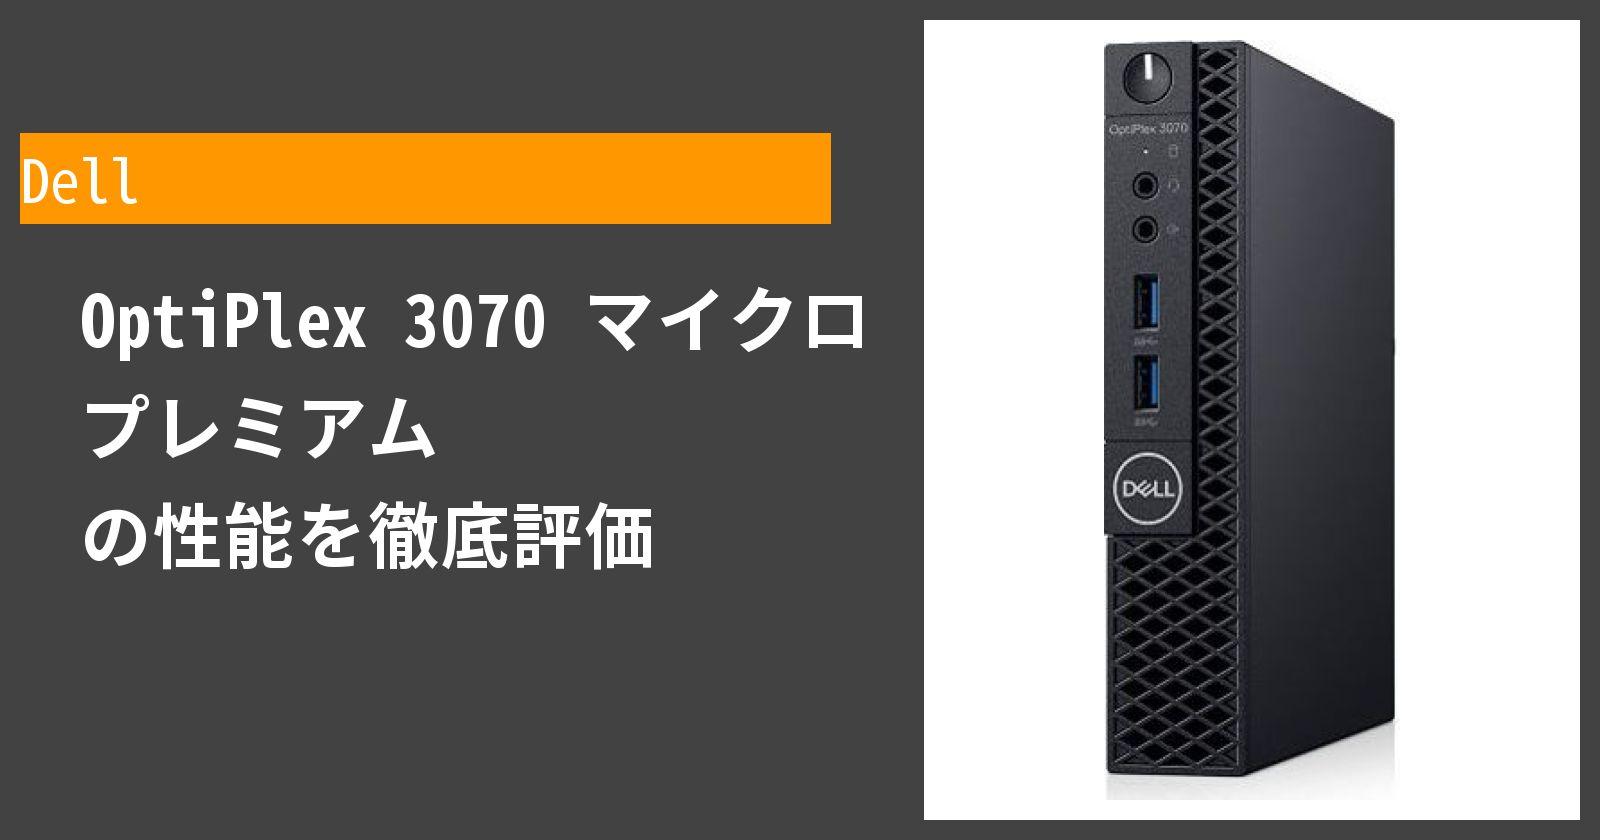 OptiPlex 3070 マイクロ プレミアム の性能を徹底評価